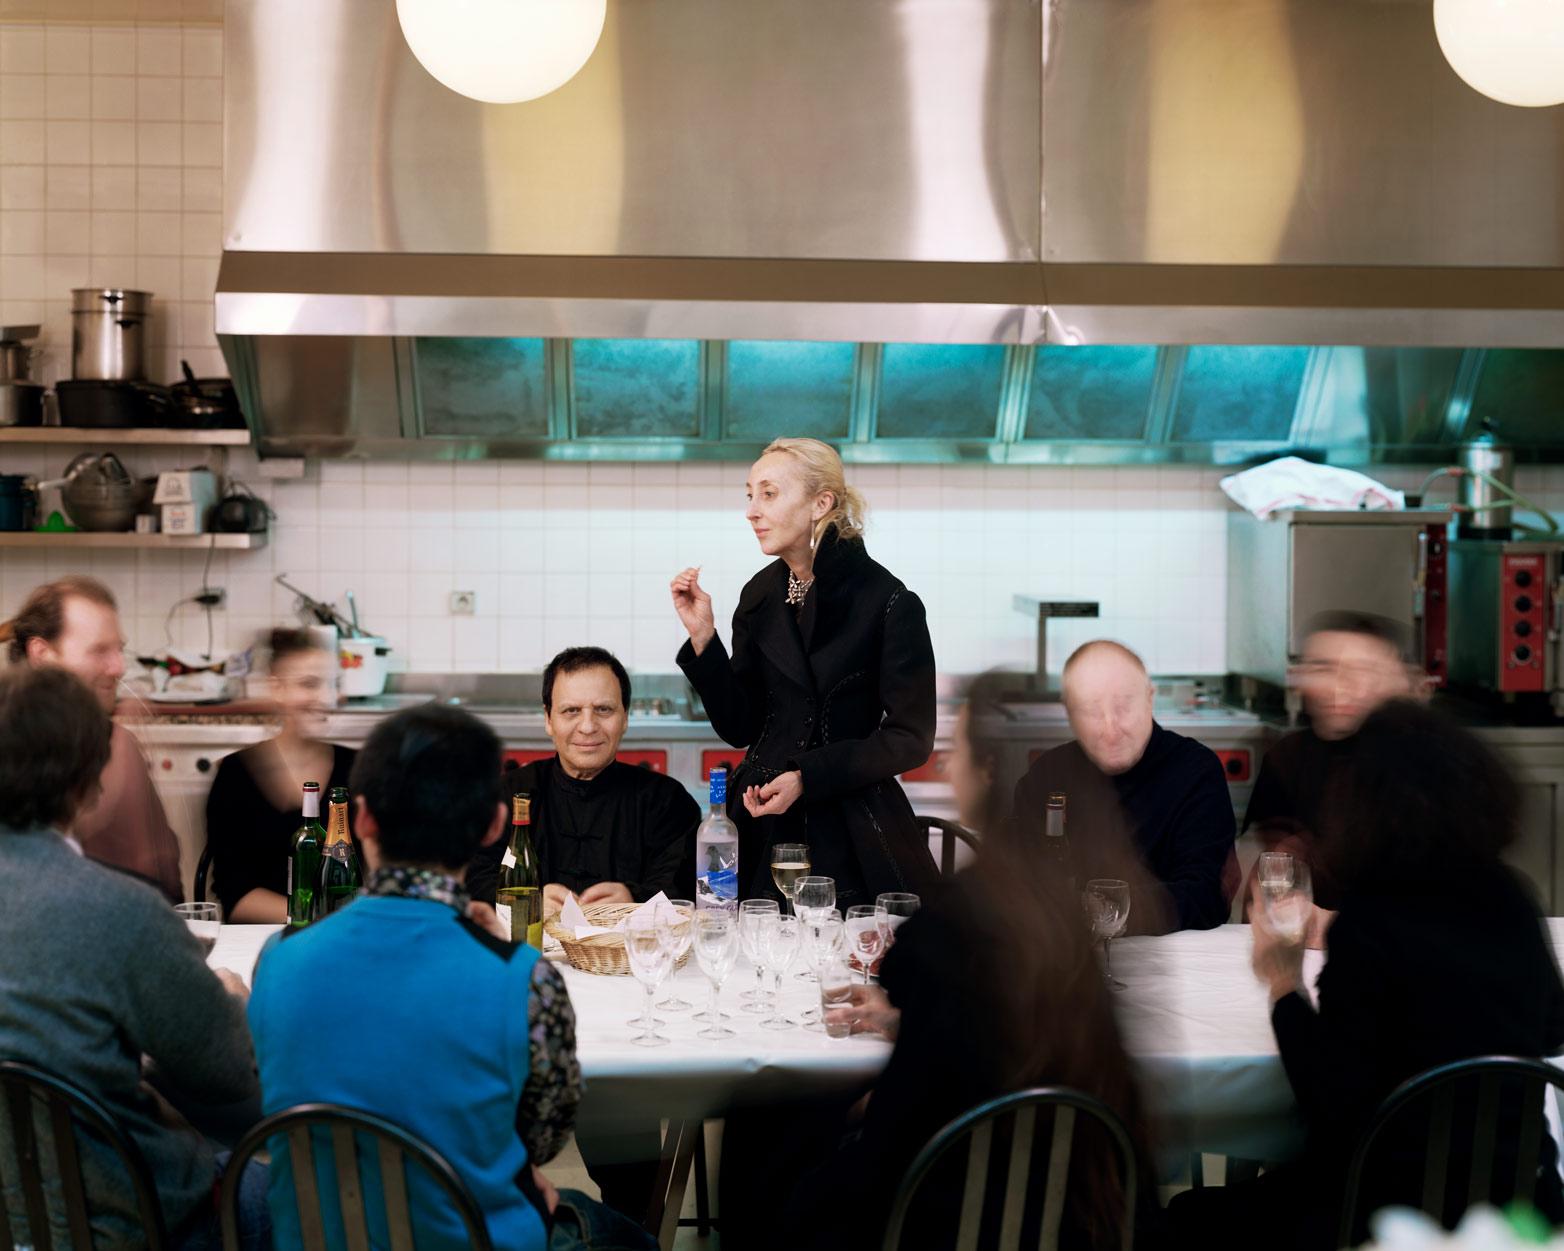 La Cuisine D'Azzedine Alaïa - Carla Sozzani & Azzedine Alïa, 2007